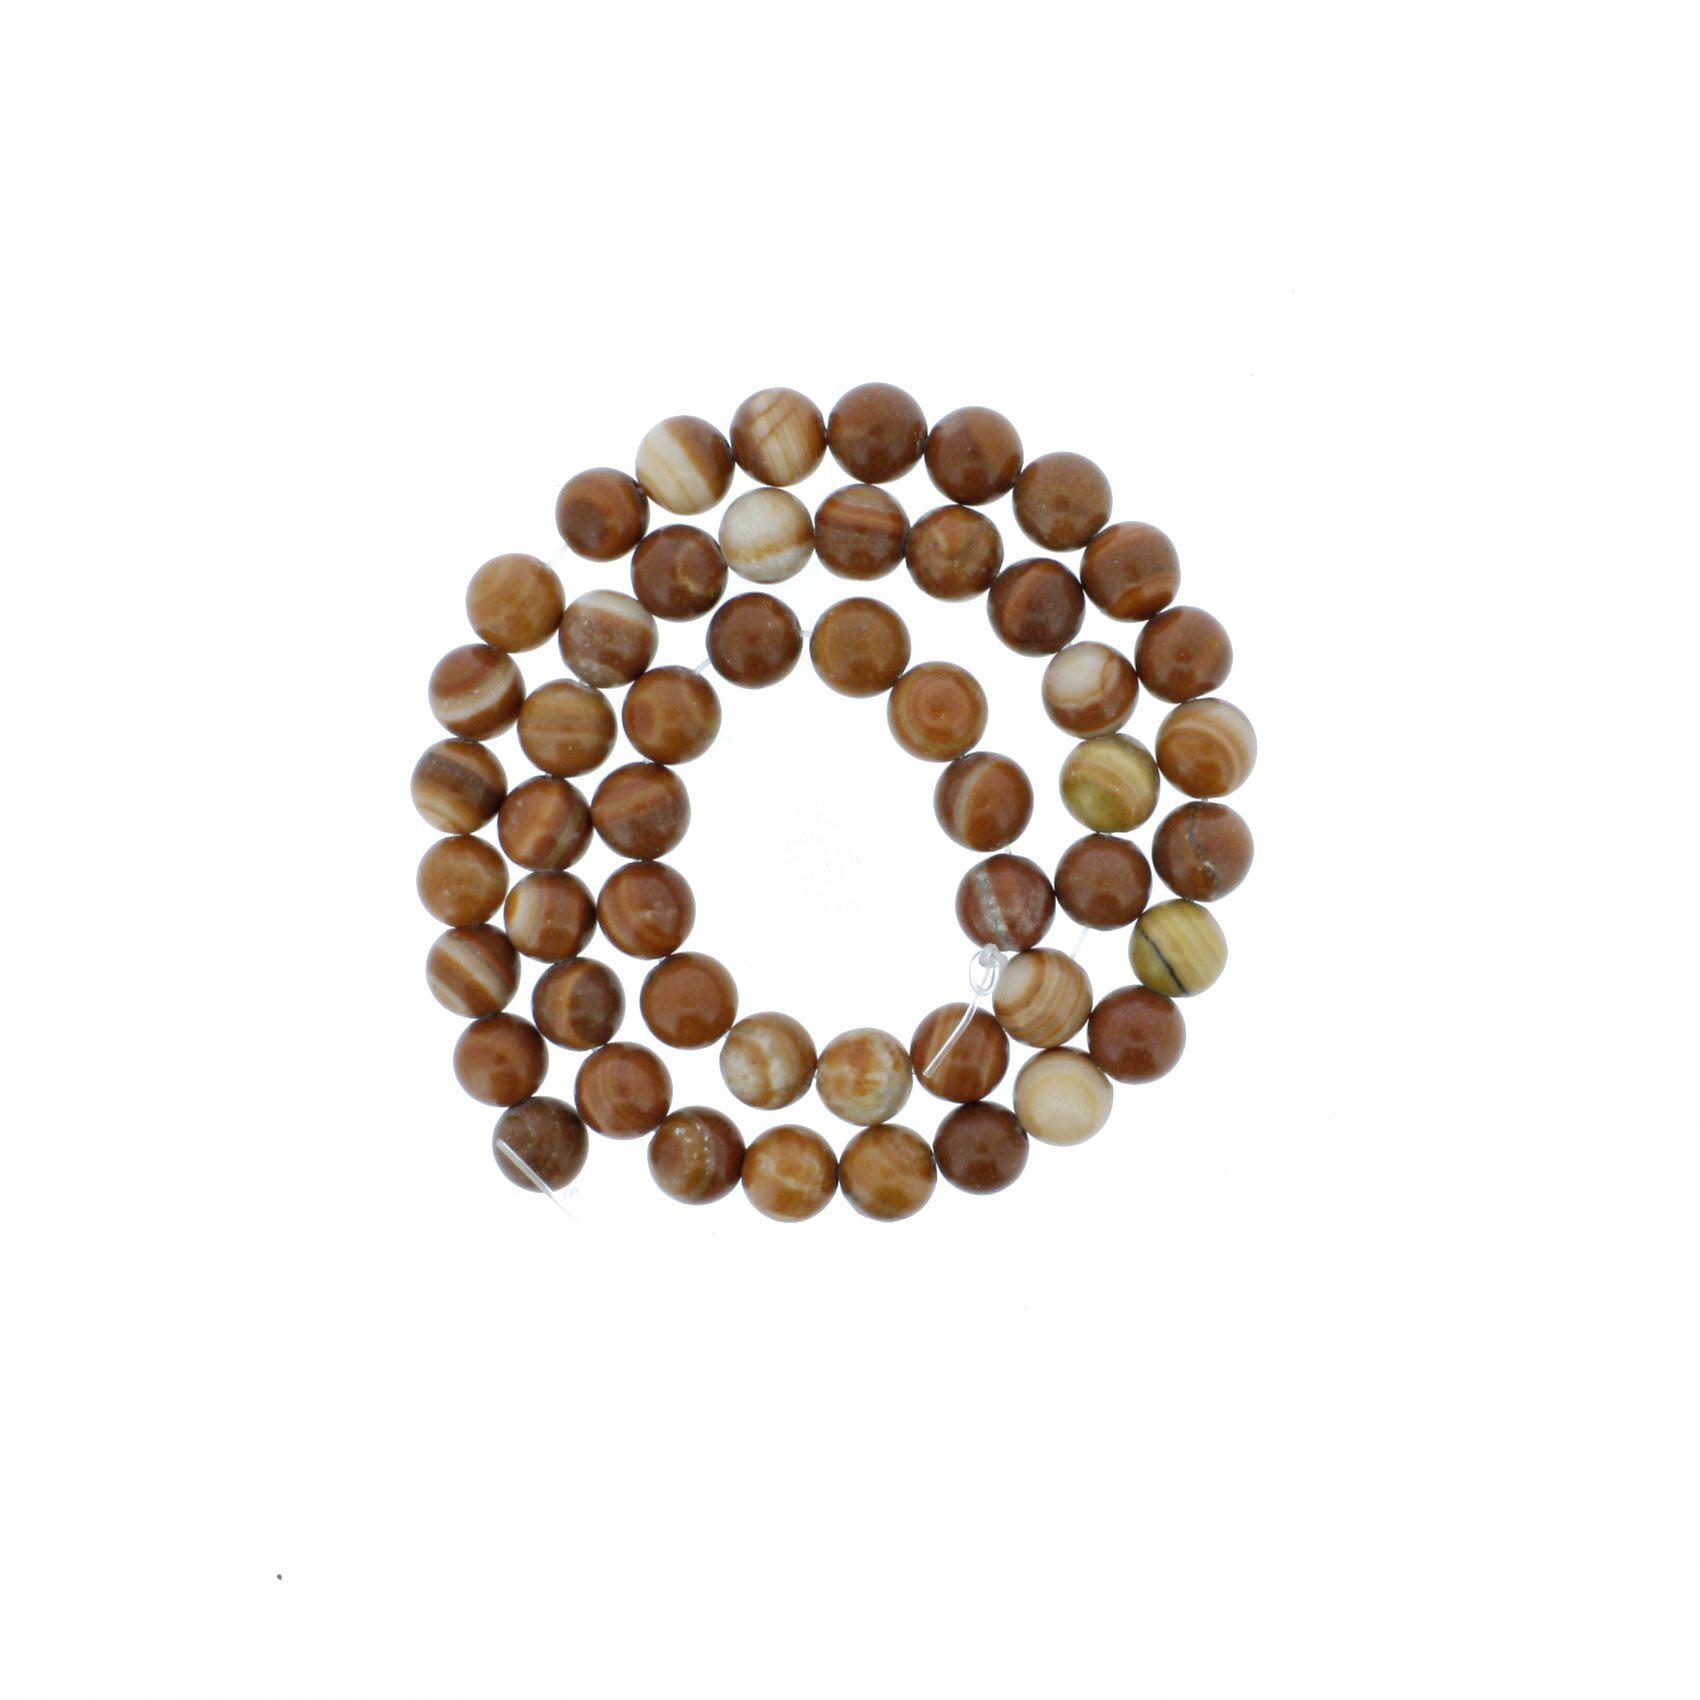 Fio de Pedra - Pietra® - Jaspe Brown - 8mm  - Universo Religioso® - Artigos de Umbanda e Candomblé